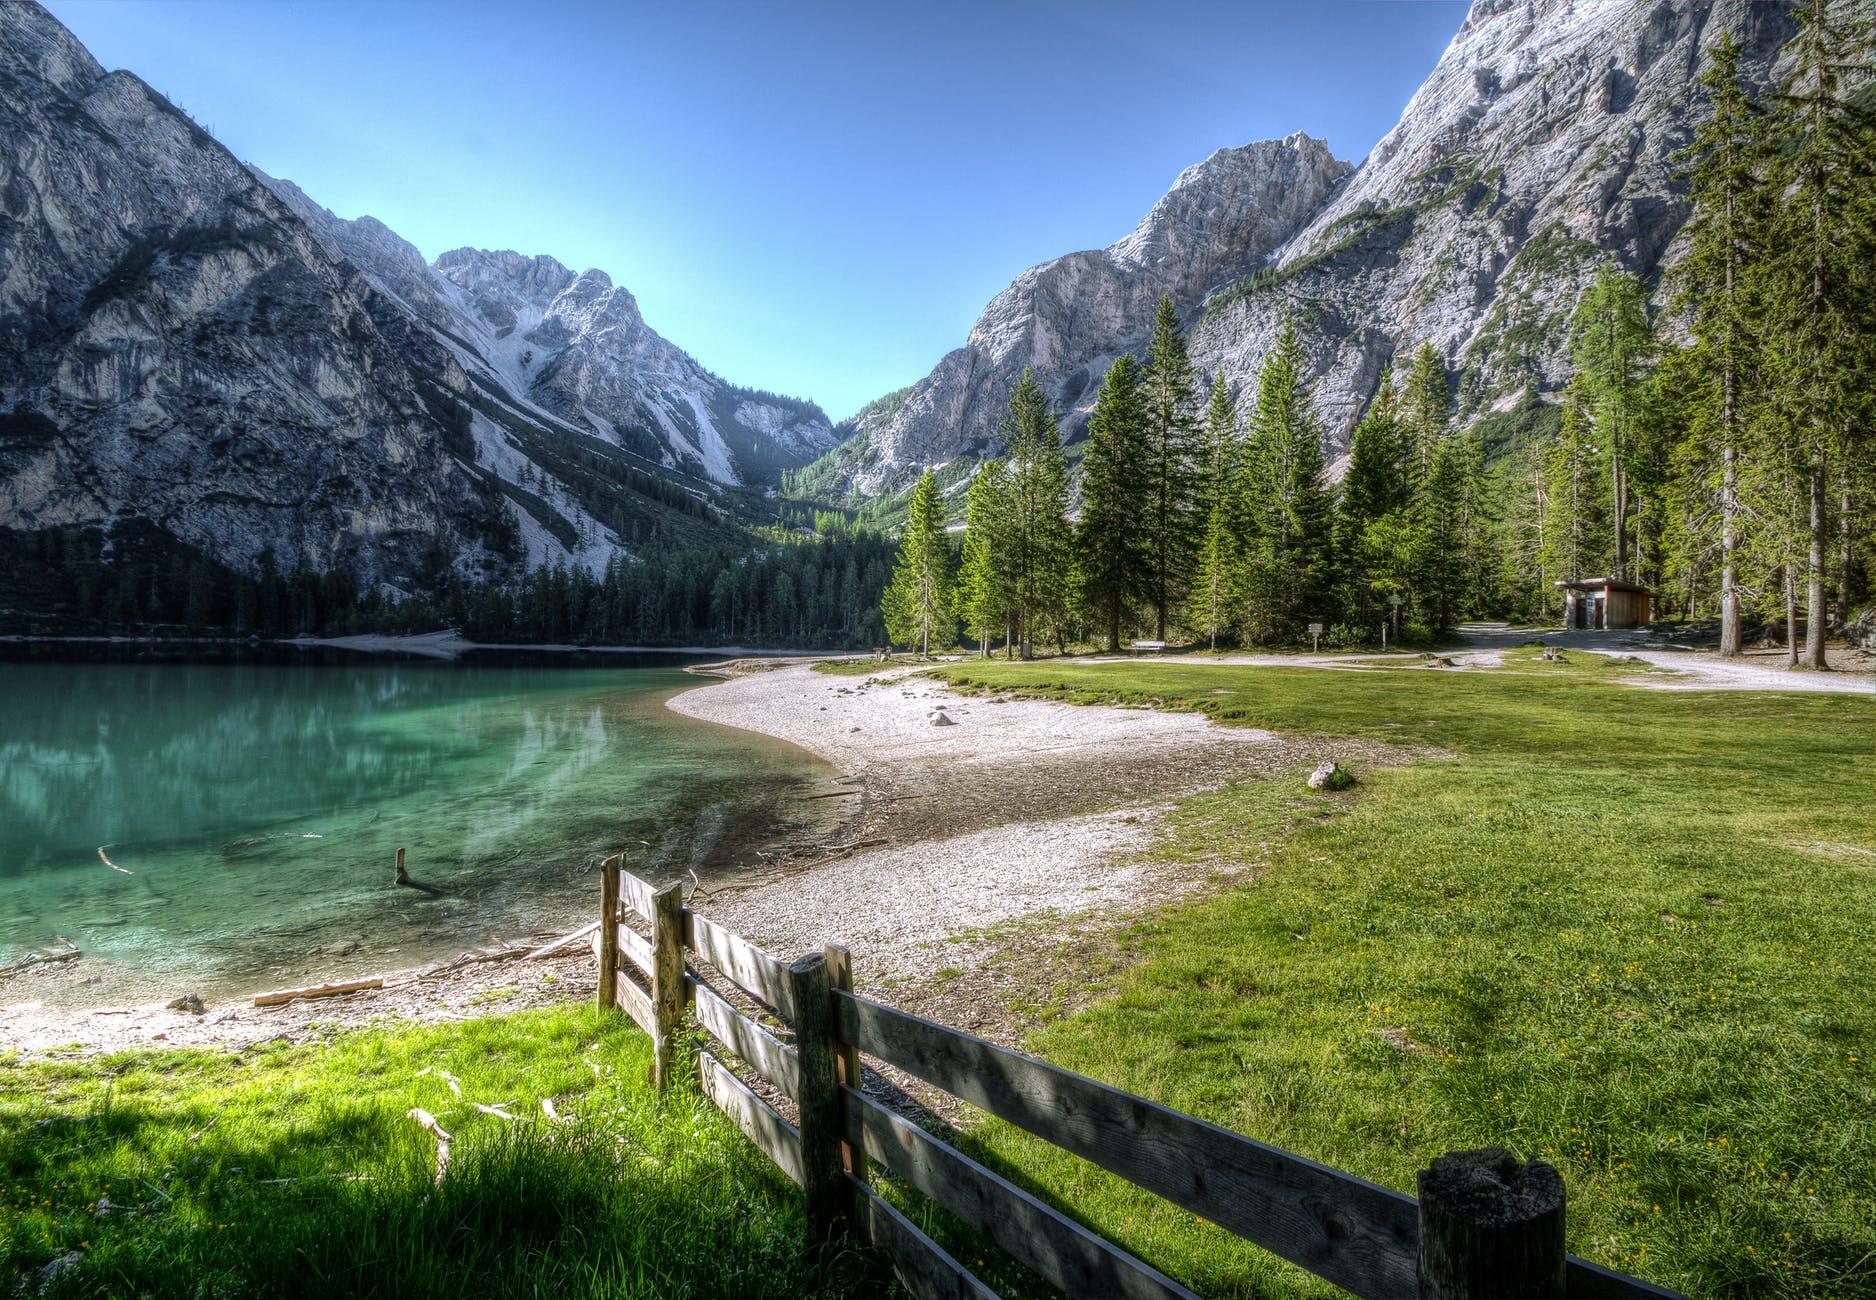 grass hd wallpaper lake landscape